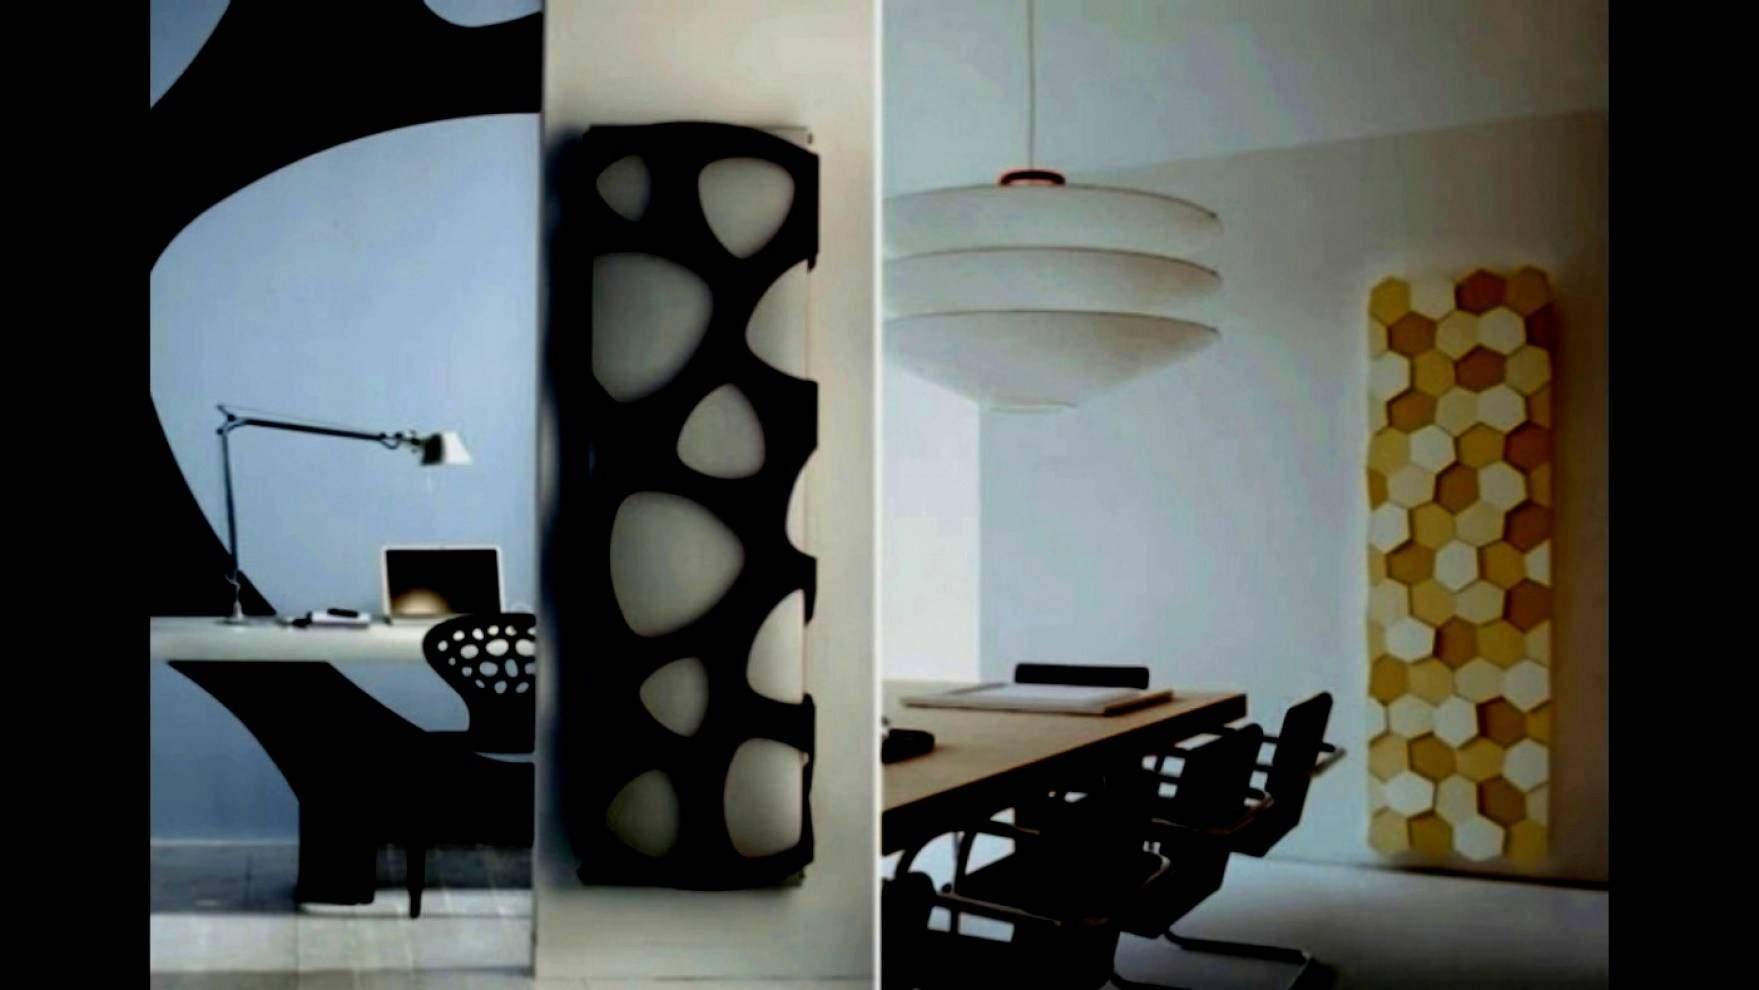 Full Size of Wandheizkörper Wandheizkrper Wohnzimmer Luxus Design Heizkrper Kermi Wohnzimmer Wandheizkörper